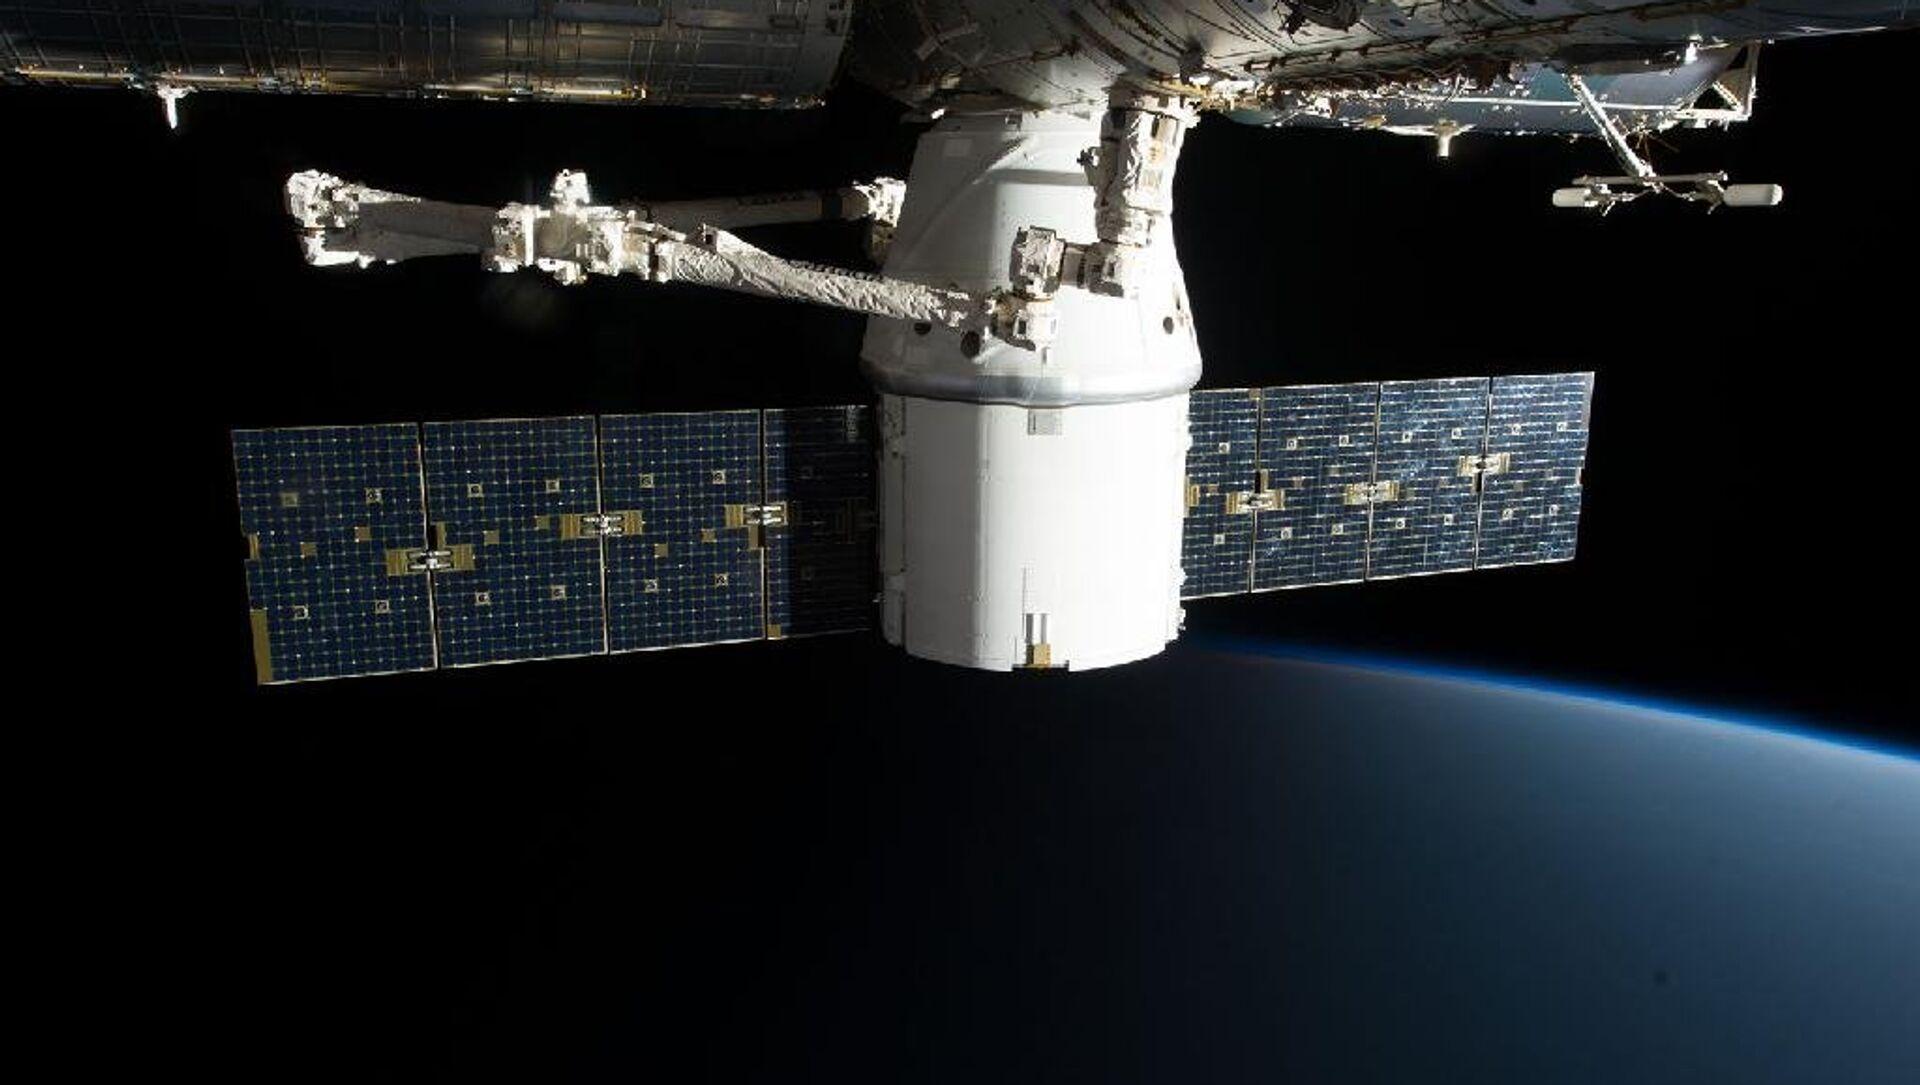 La nave spaziale Crew Dragon attraccata alla ISS - Sputnik Italia, 1920, 24.04.2021